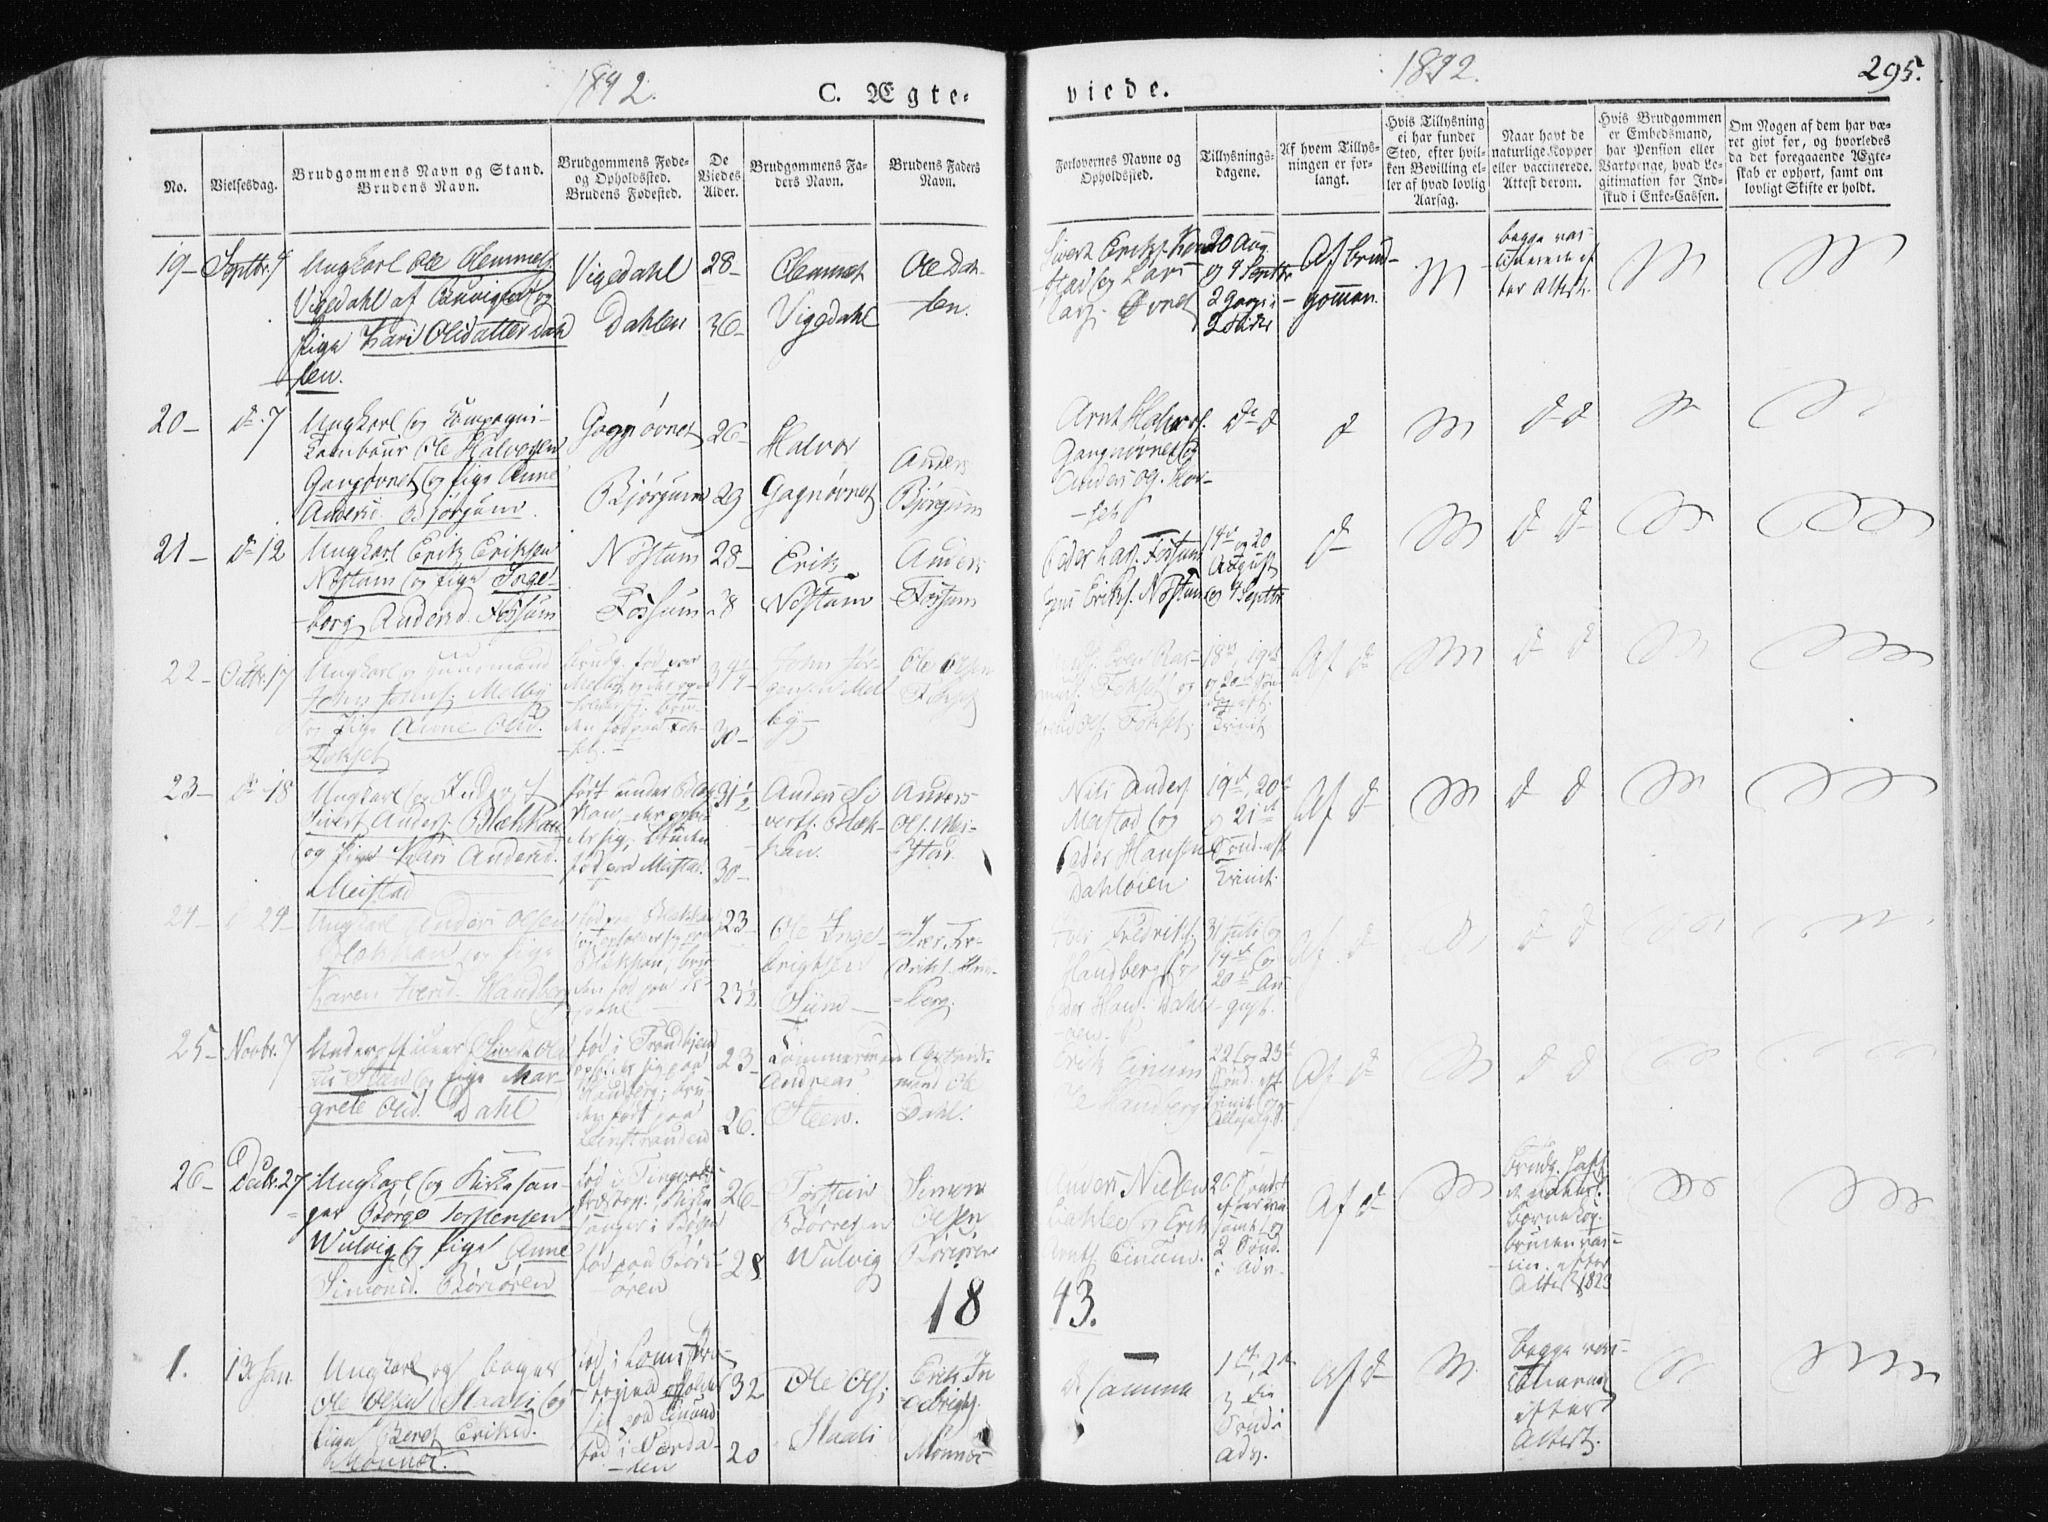 SAT, Ministerialprotokoller, klokkerbøker og fødselsregistre - Sør-Trøndelag, 665/L0771: Ministerialbok nr. 665A06, 1830-1856, s. 295